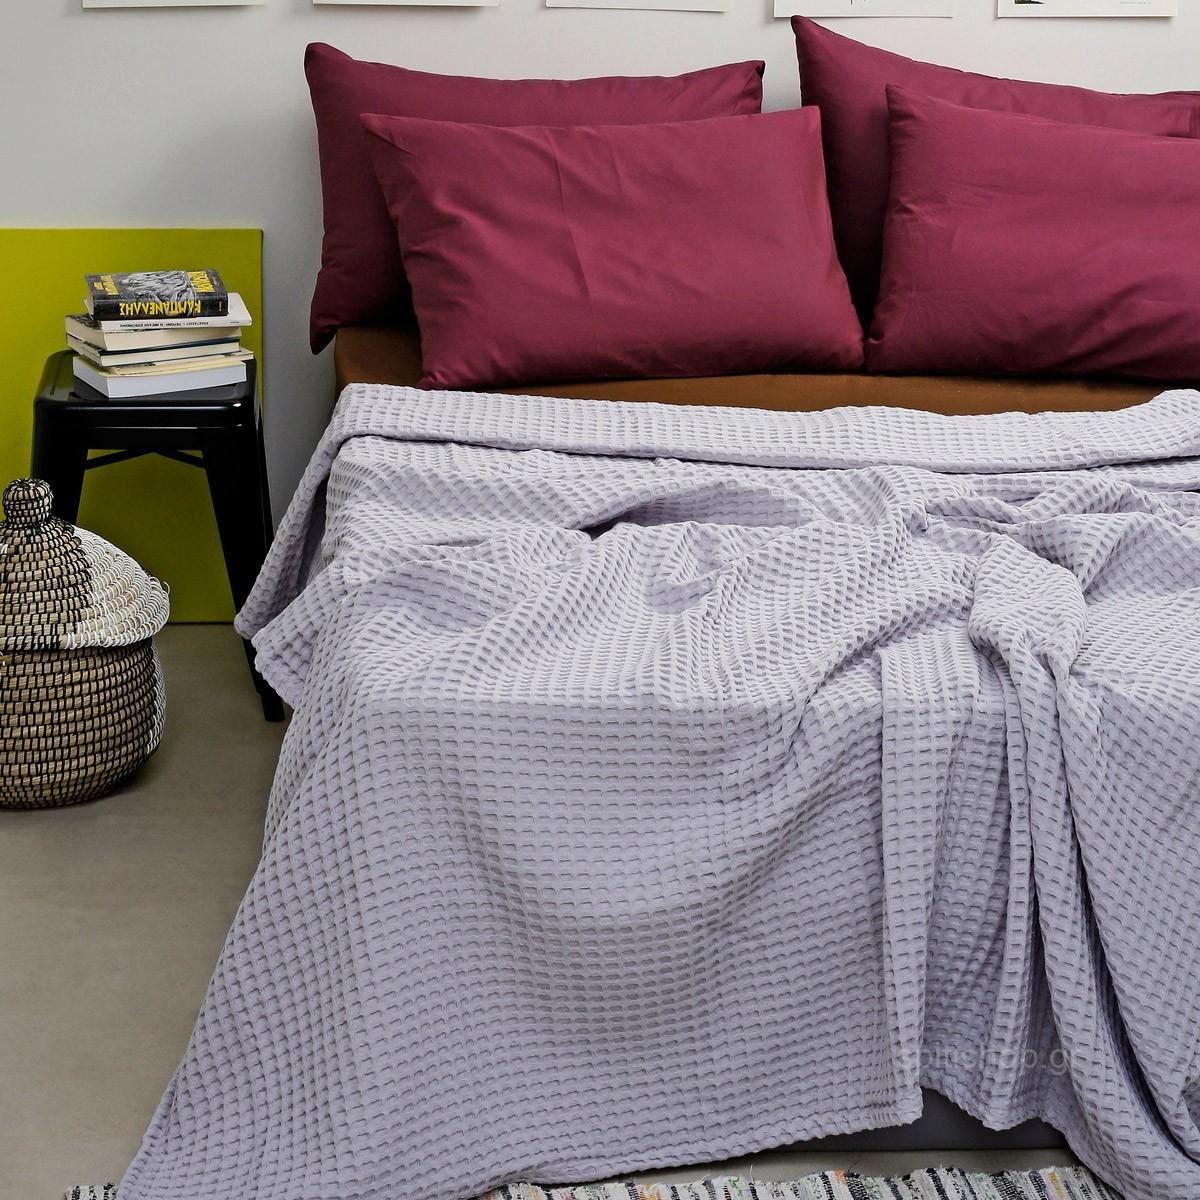 Κουβέρτα Πικέ Διπλή Melinen Bristol Ice home   κρεβατοκάμαρα   κουβέρτες   κουβέρτες πικέ υπέρδιπλες